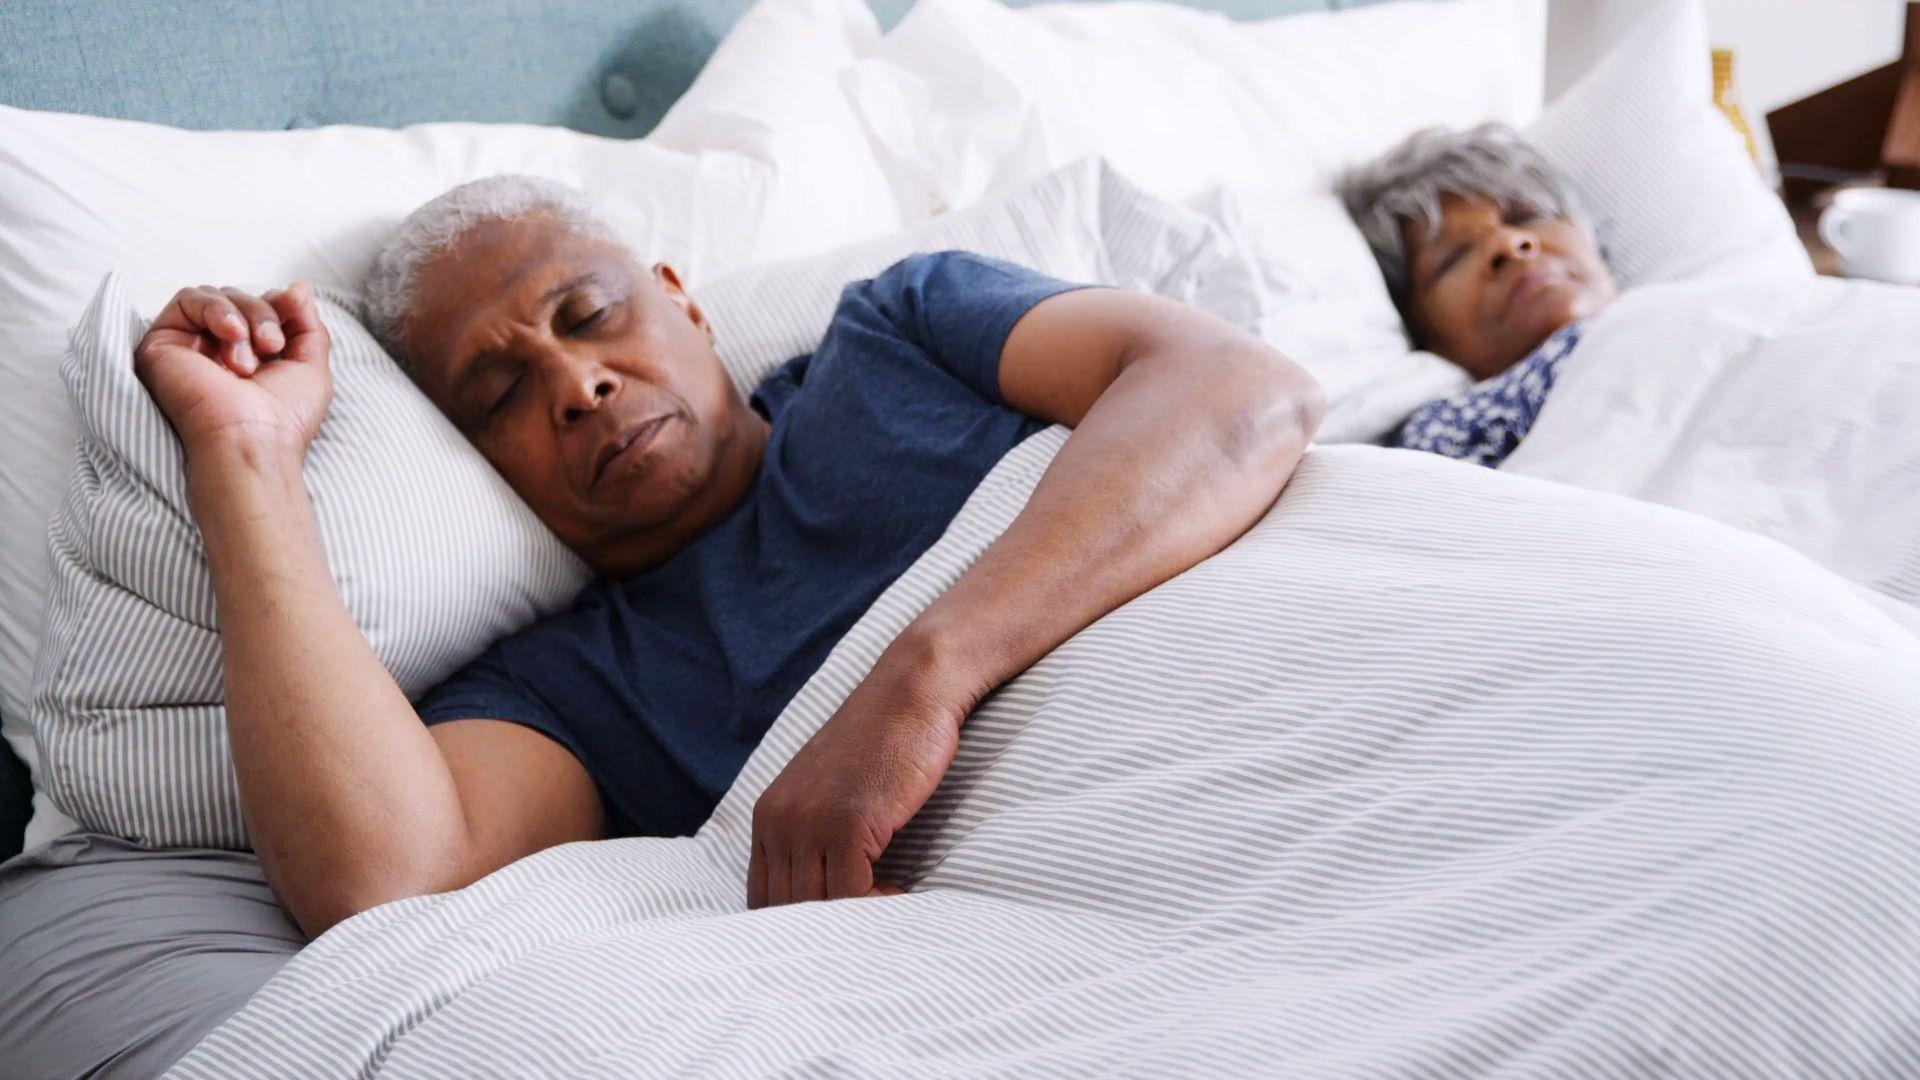 Mittagsschlaf kann das Sterberisiko erhöhen